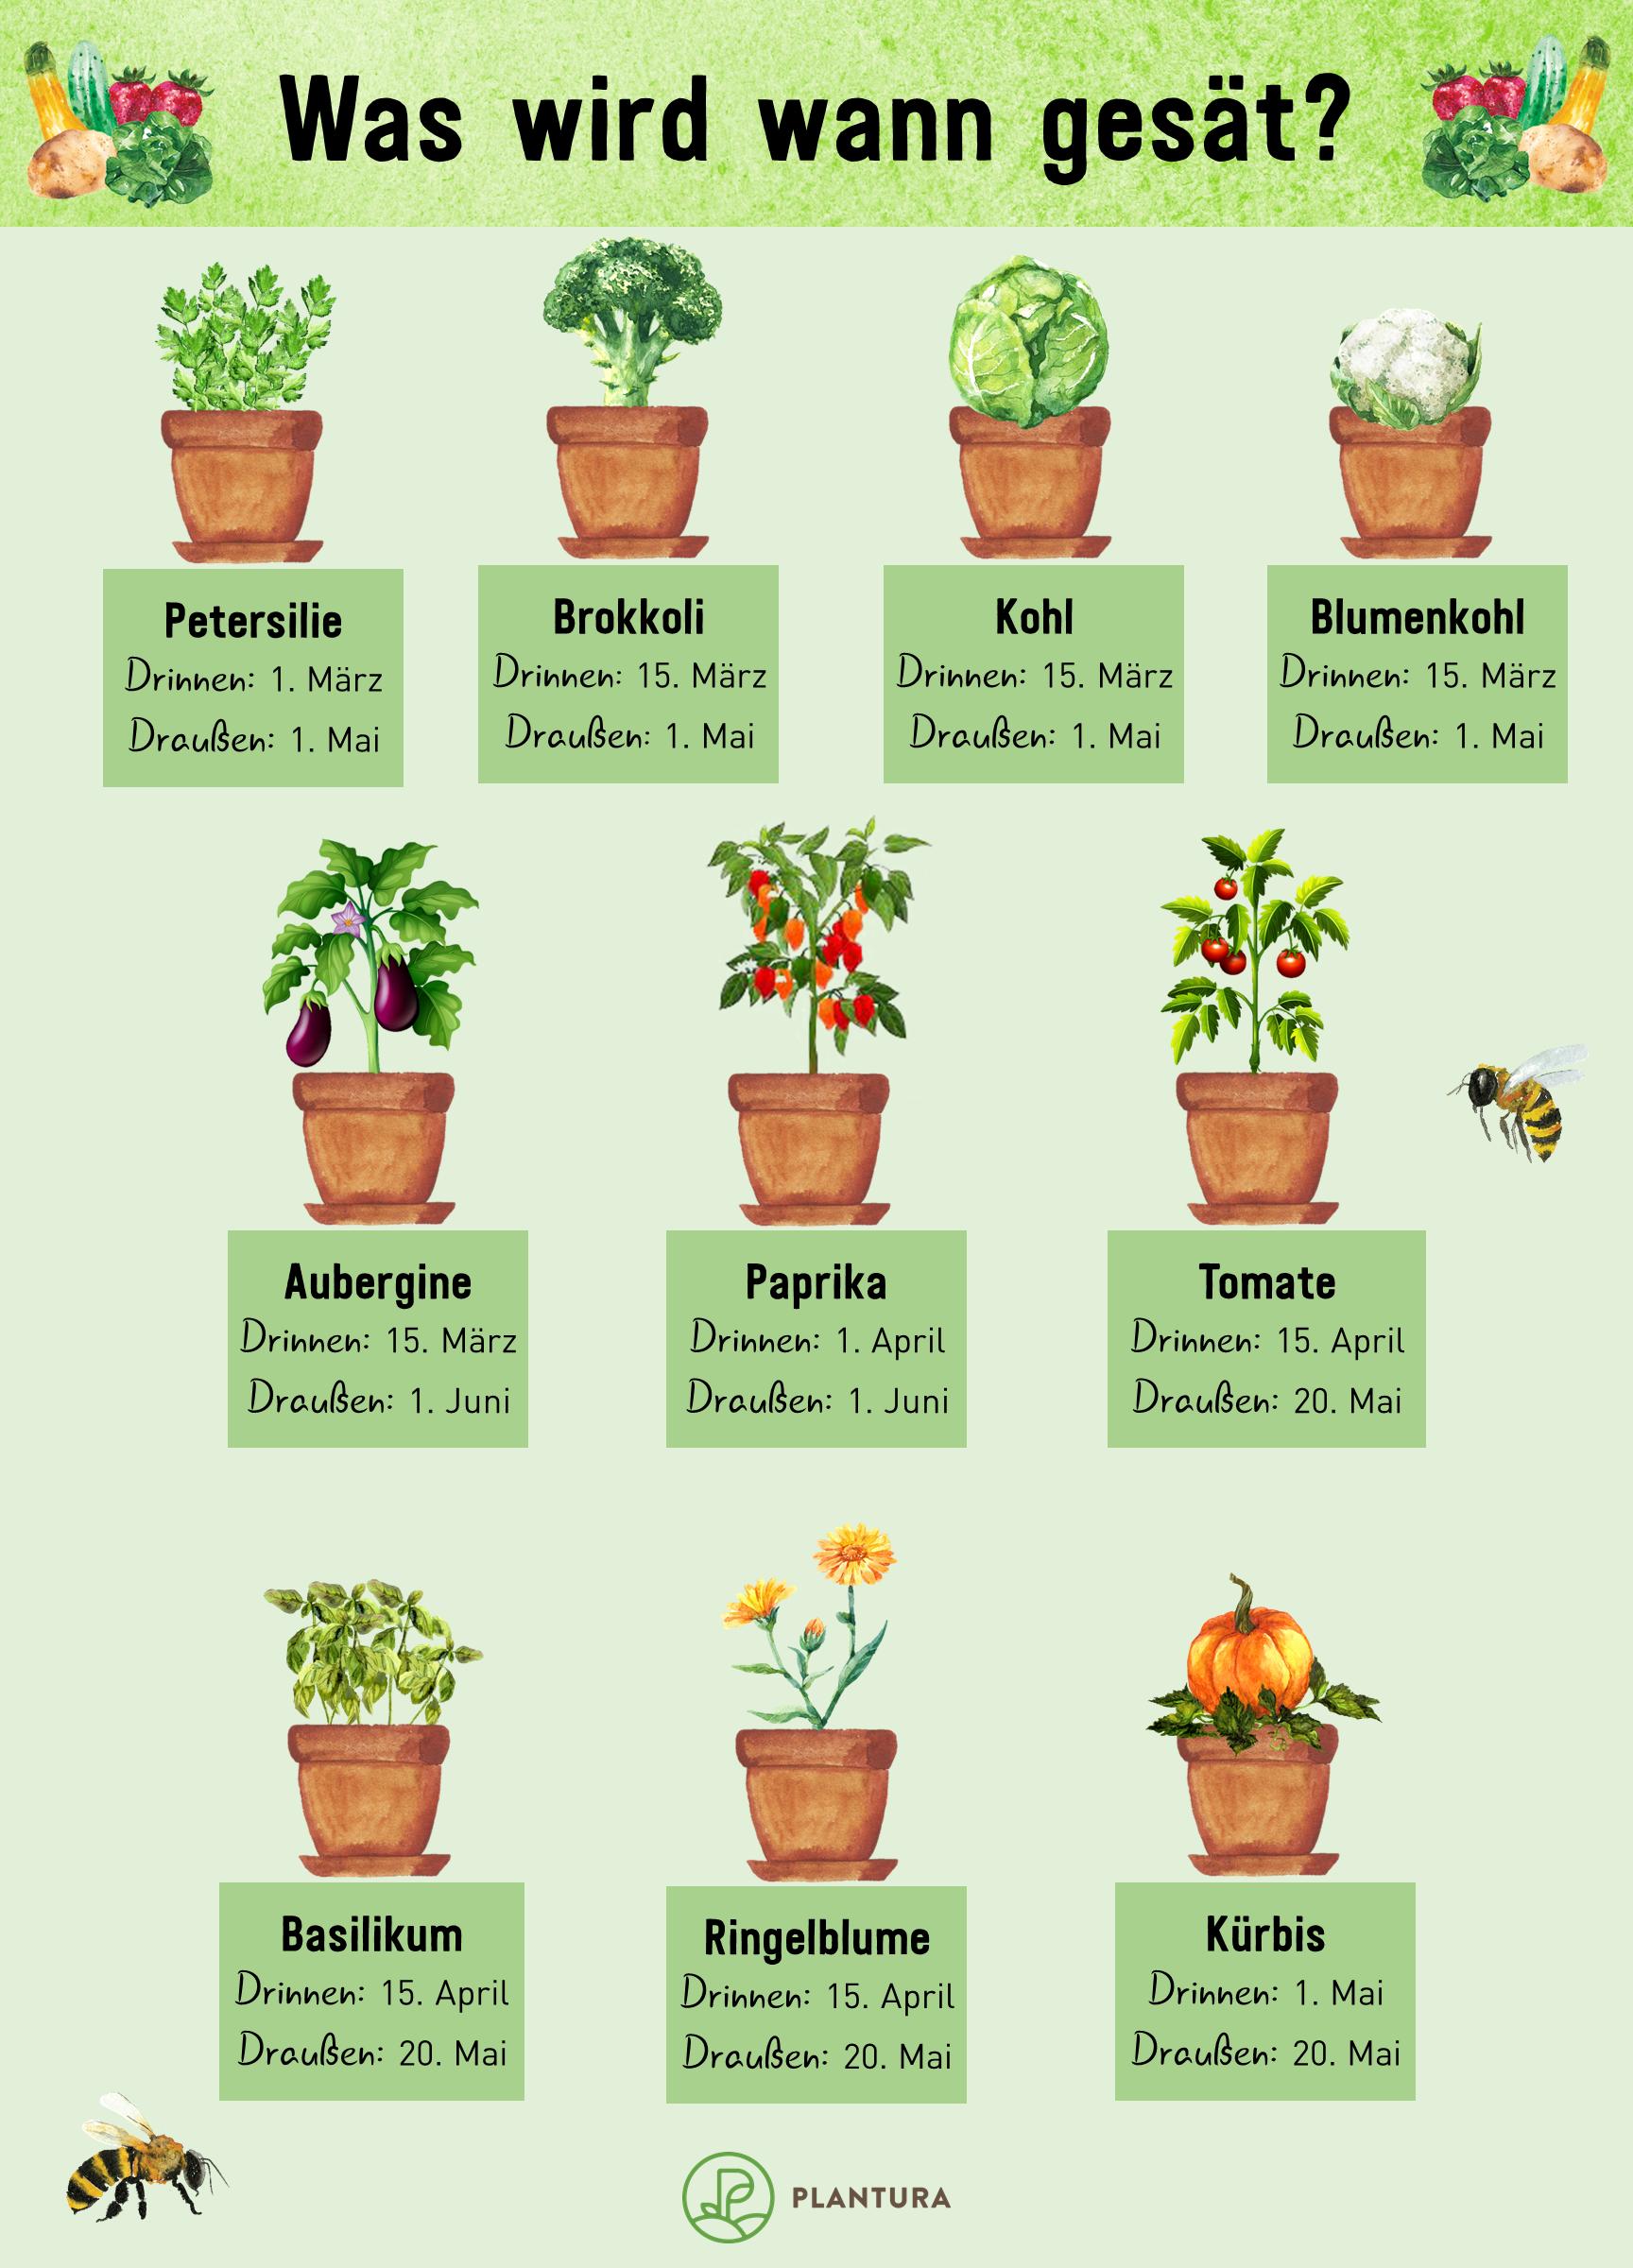 Aussaatkalender Wann wird was ausgesät is part of Plant pot diy, Creative gardening, Garden design layout, Vegetable garden, Plants, Garden design - Für eine erfolgreiche Aussaat ist der Zeitpunkt entscheidend  Wir haben für Sie zusammengetragen, wann was ausgesät werden muss